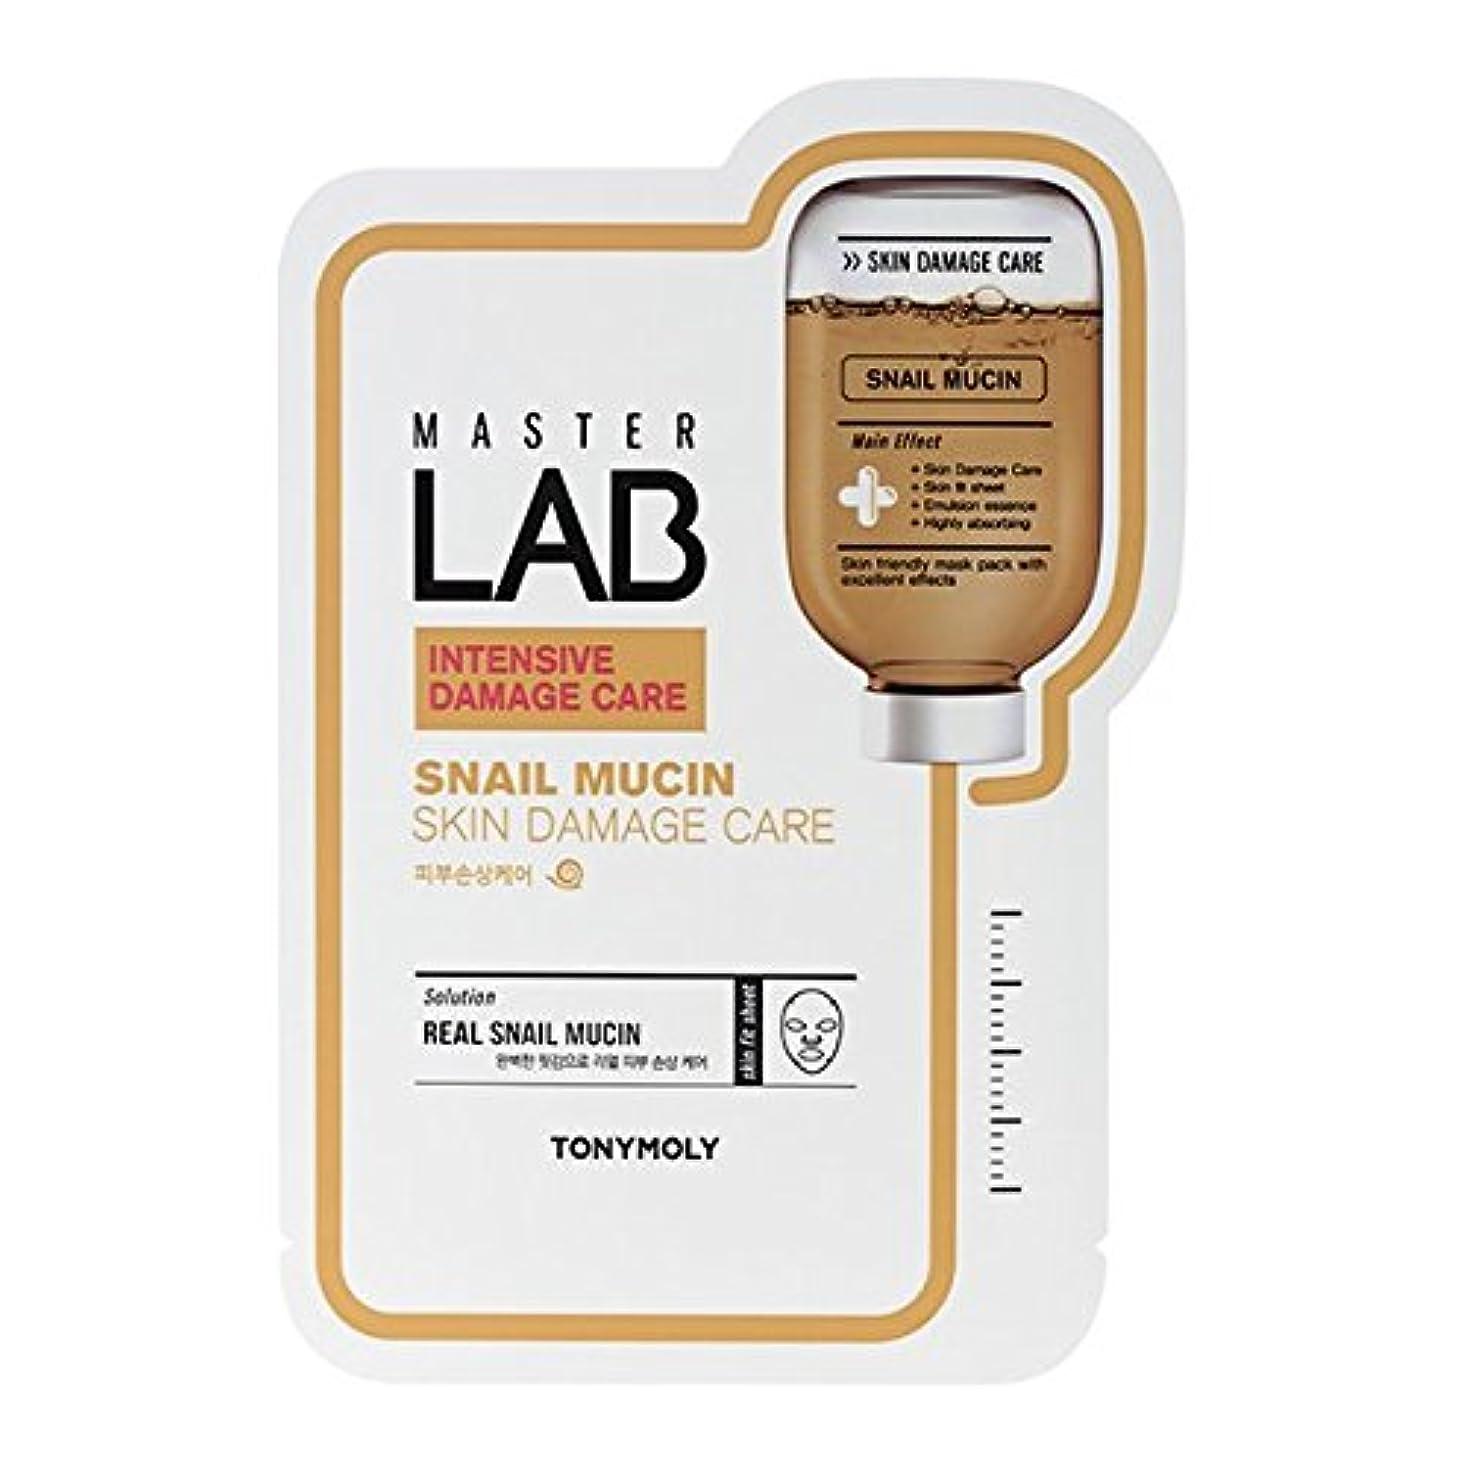 法律によりなんでもサンドイッチTONYMOLY Master Lab Mask Snail Mucin (Skin Damage Care) (並行輸入品)